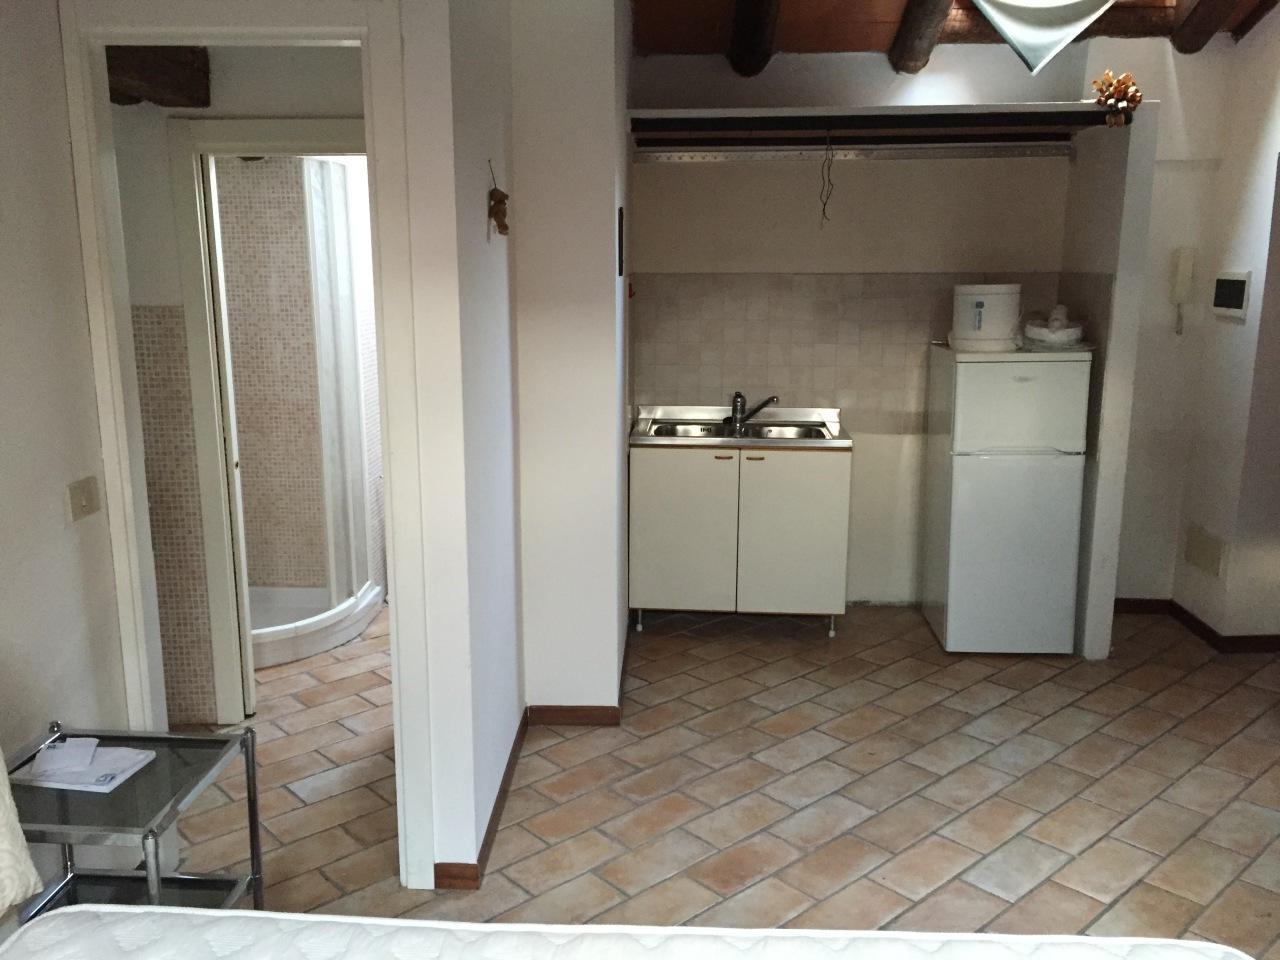 Appartamento in vendita a Parma, 1 locali, prezzo € 58.000 | Cambio Casa.it